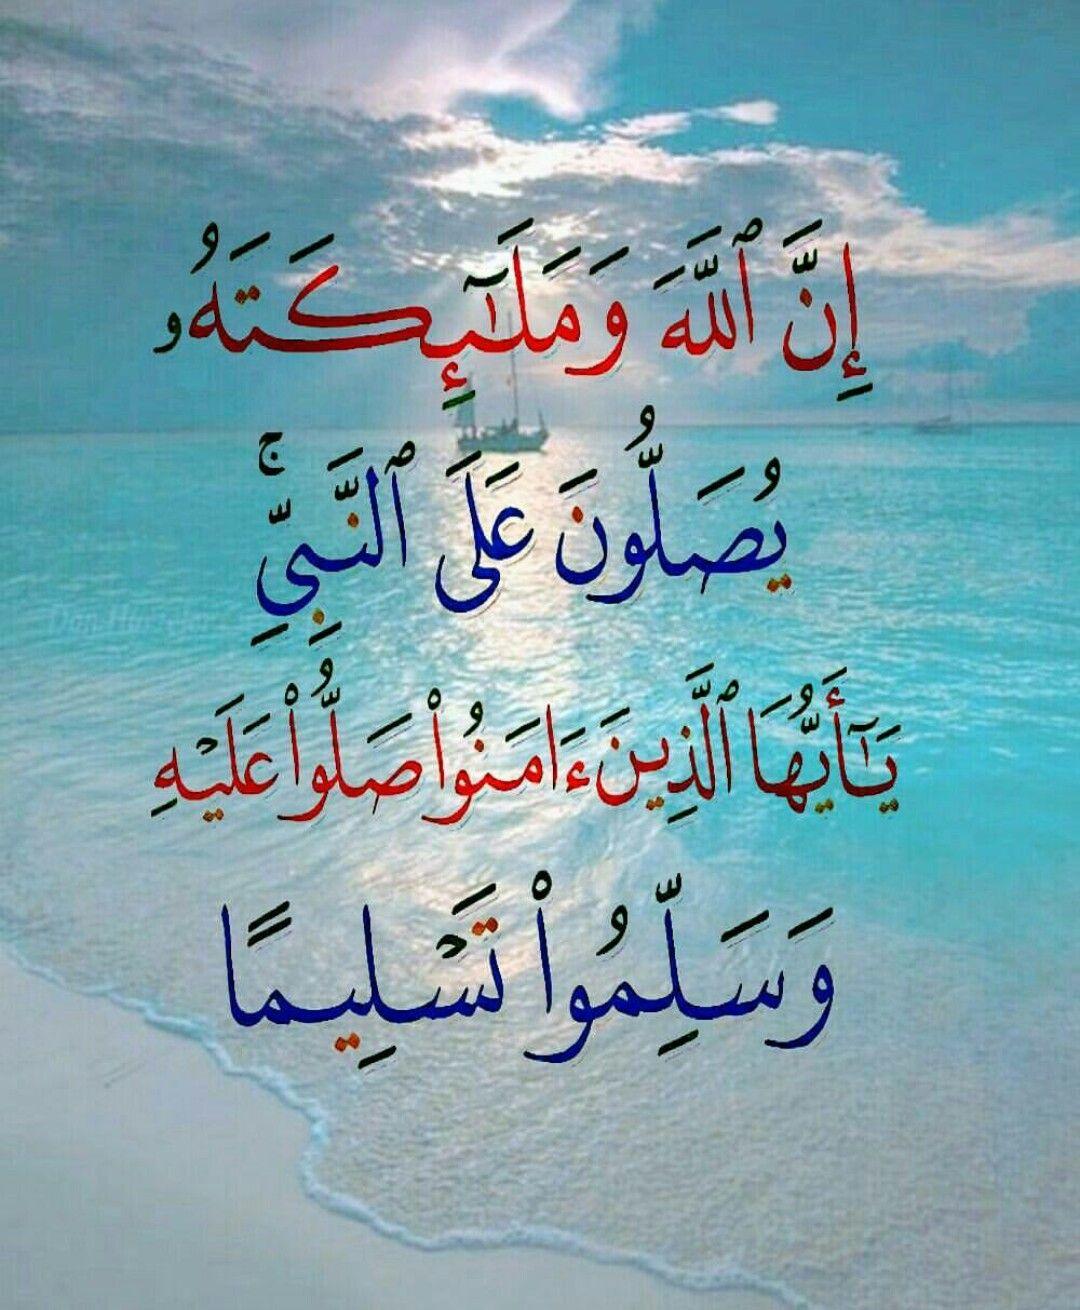 Desertrose اللهم صل وسلم وبارك على نبينا وسيدنا وحبيبنا محمد محمدﷺ عليه أفضل الصلاة والسلام Islamic Quotes Islamic Quotes Quran Quran Quotes